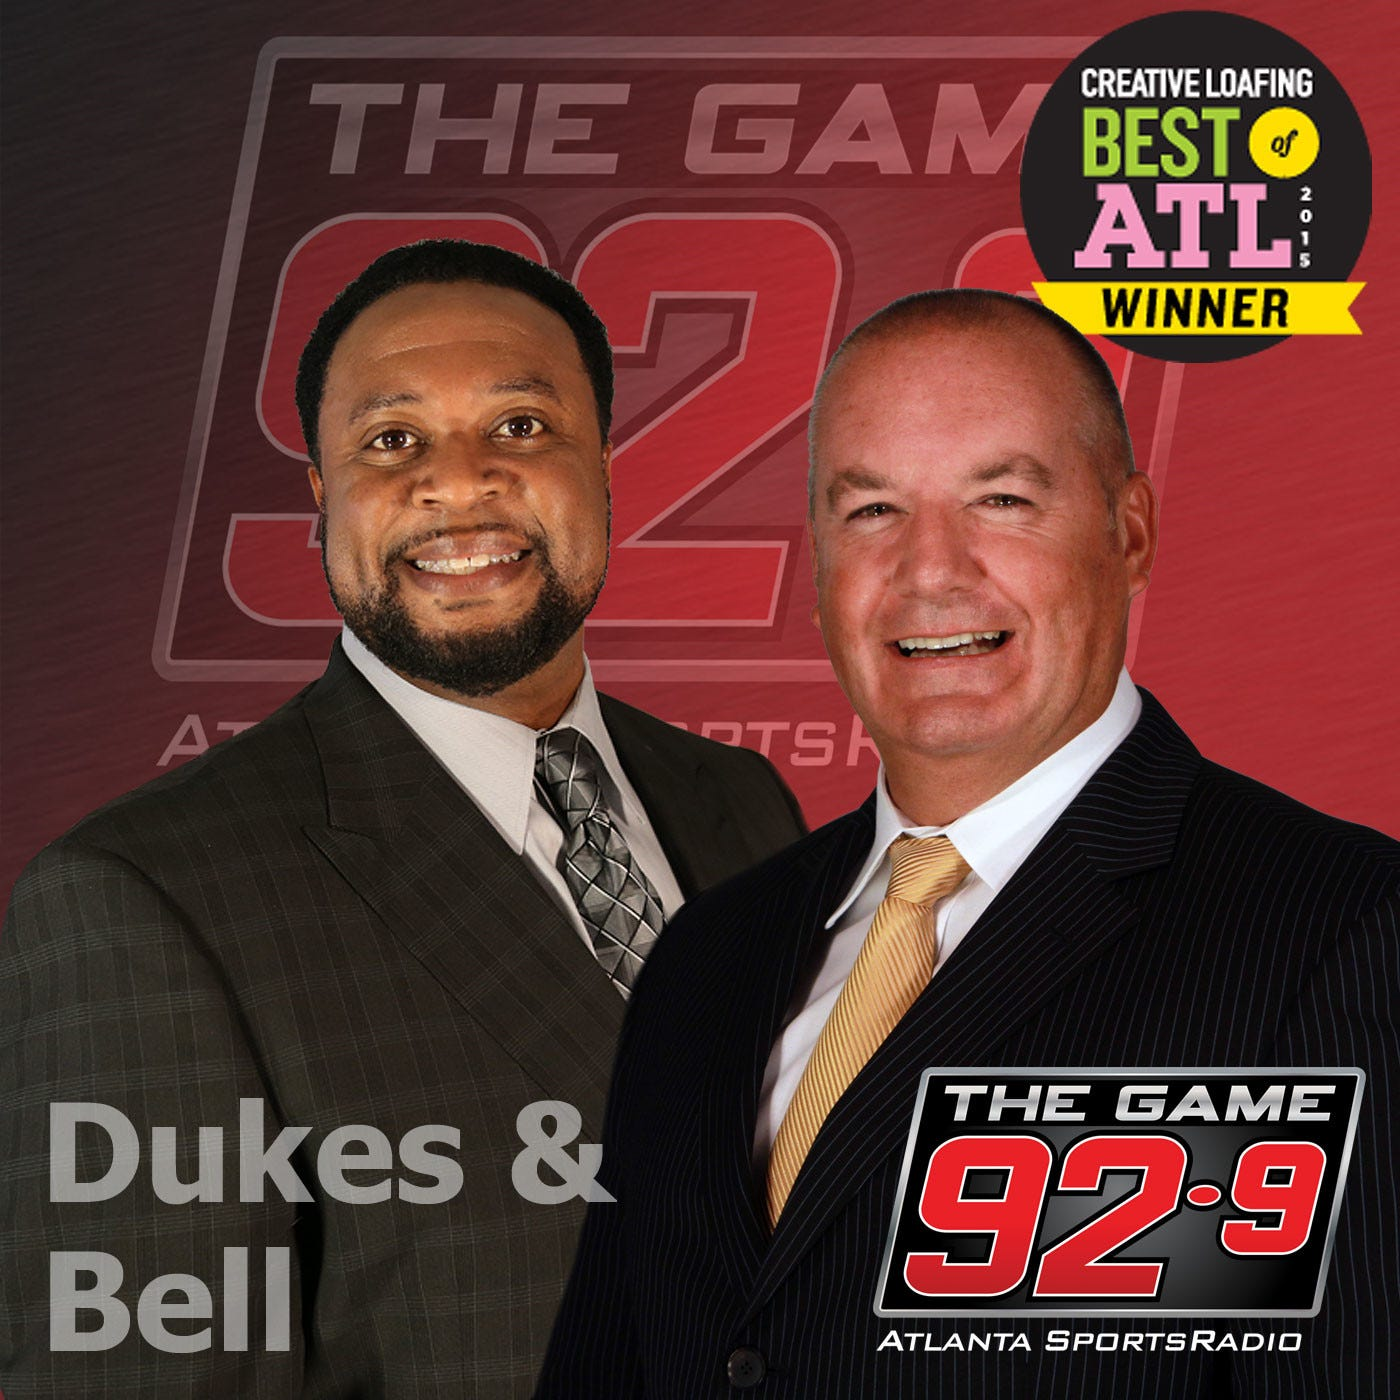 Dukes & Bell